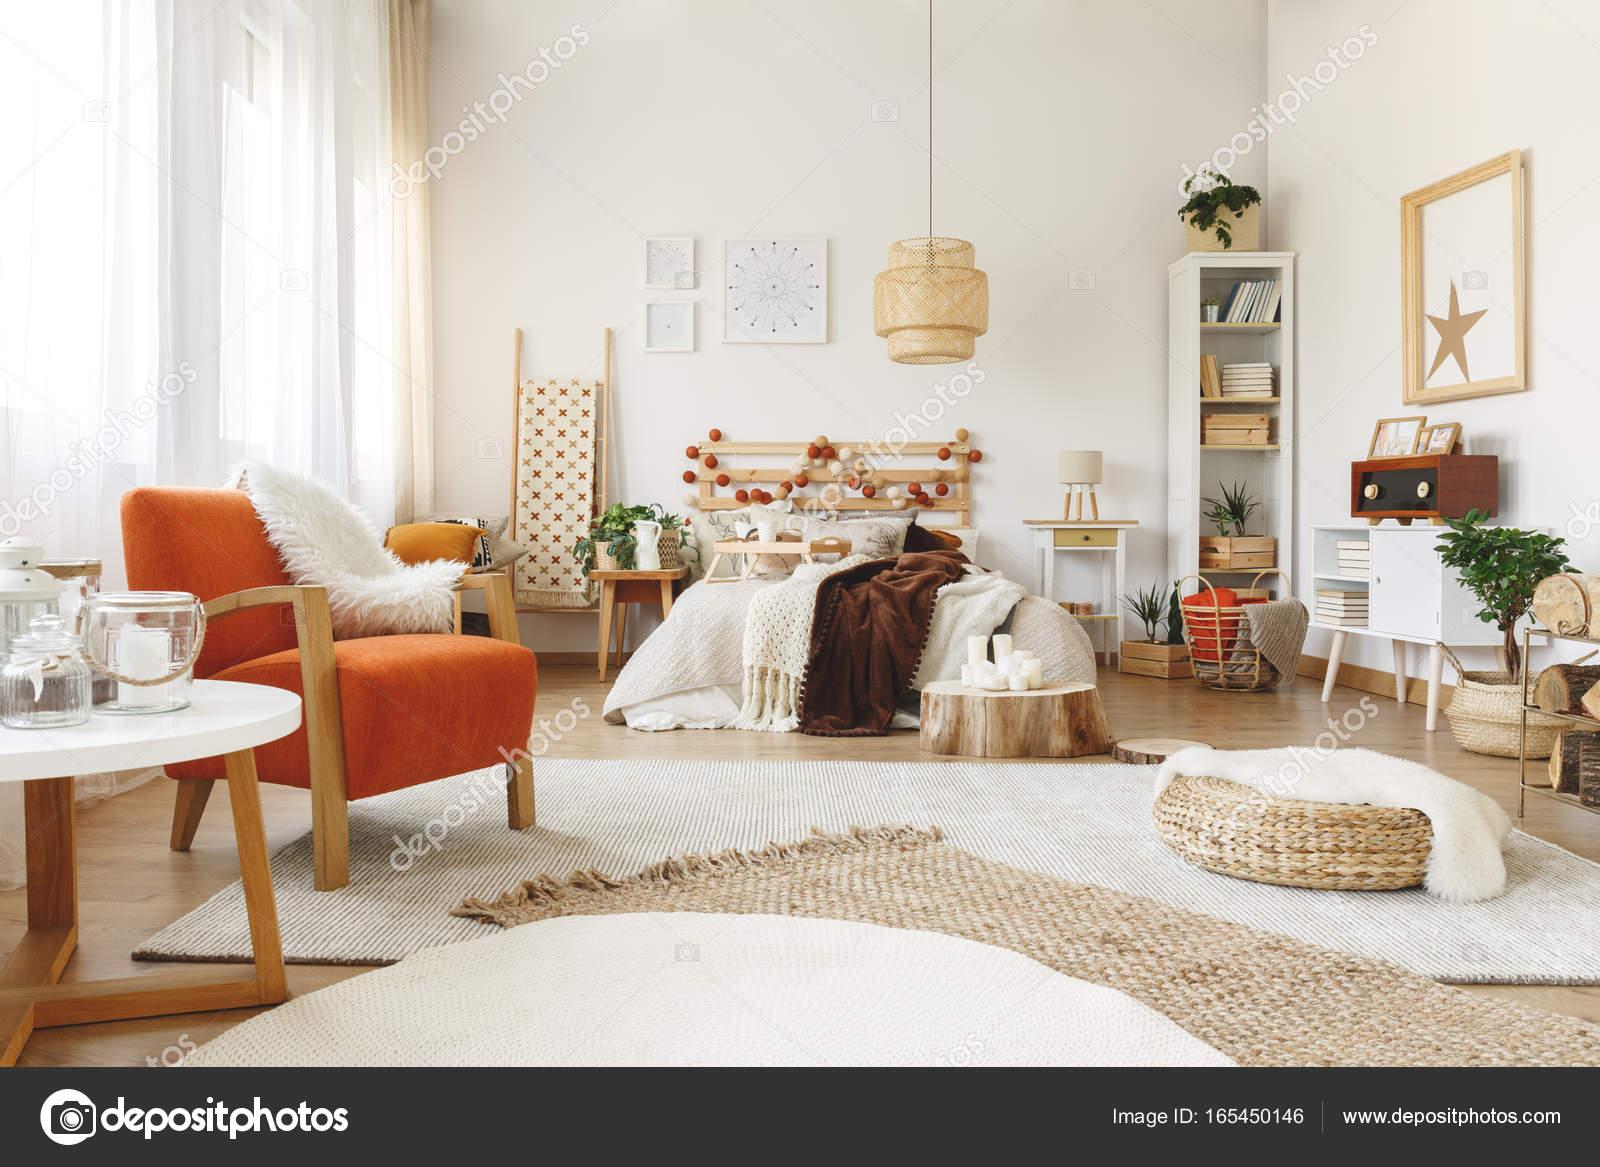 Pomarańczowy Fotel W Sypialni Zdjęcie Stockowe